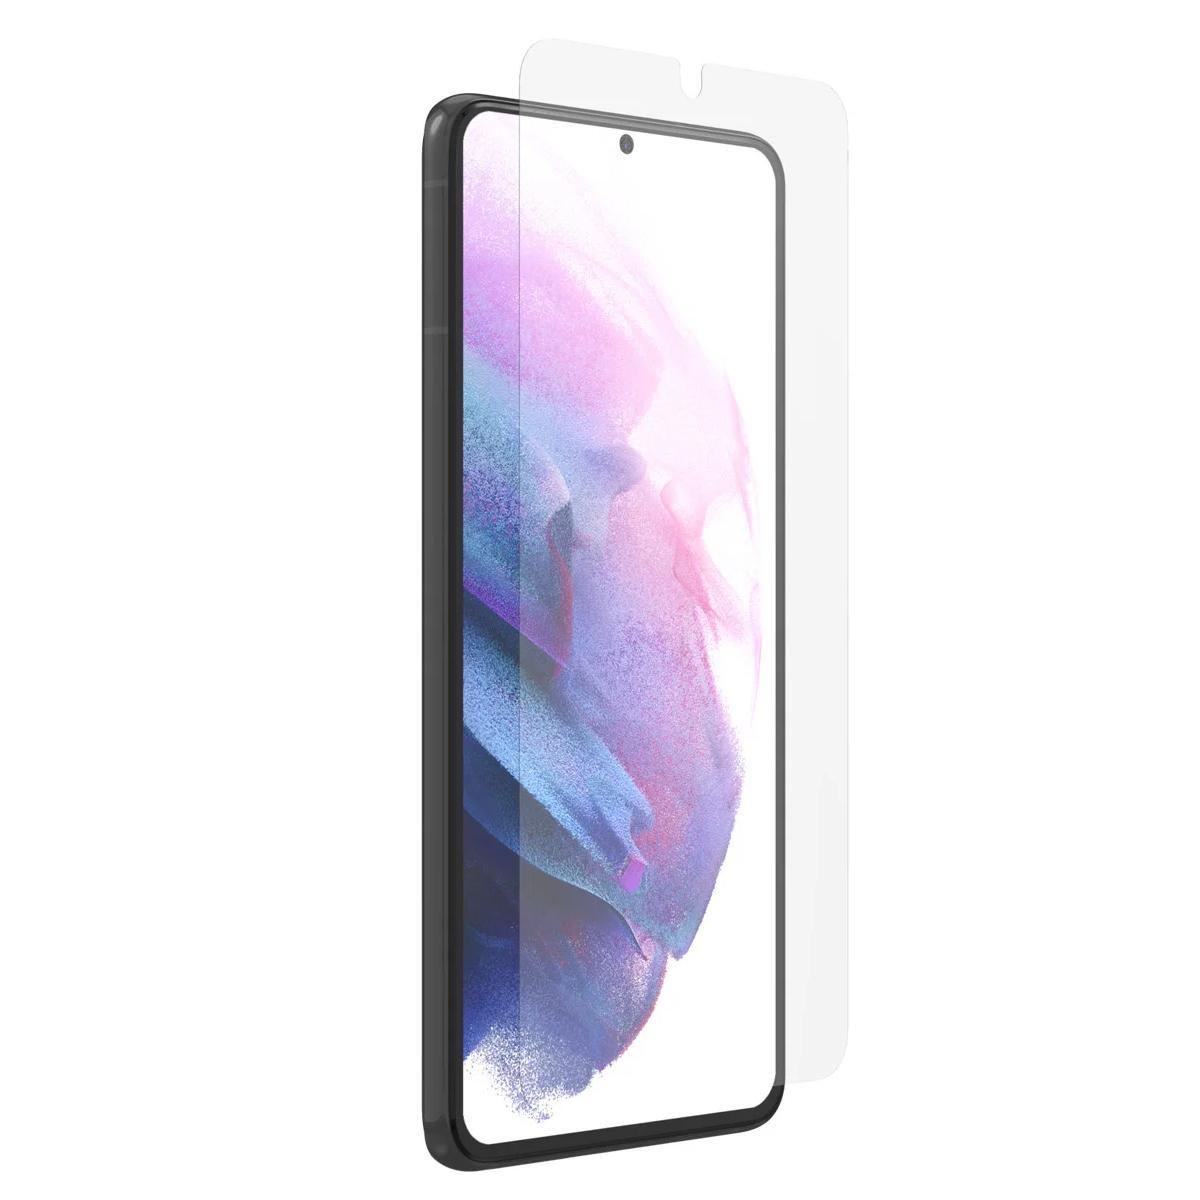 InvisibleShield GlassFusion+ Galaxy S21 Plus